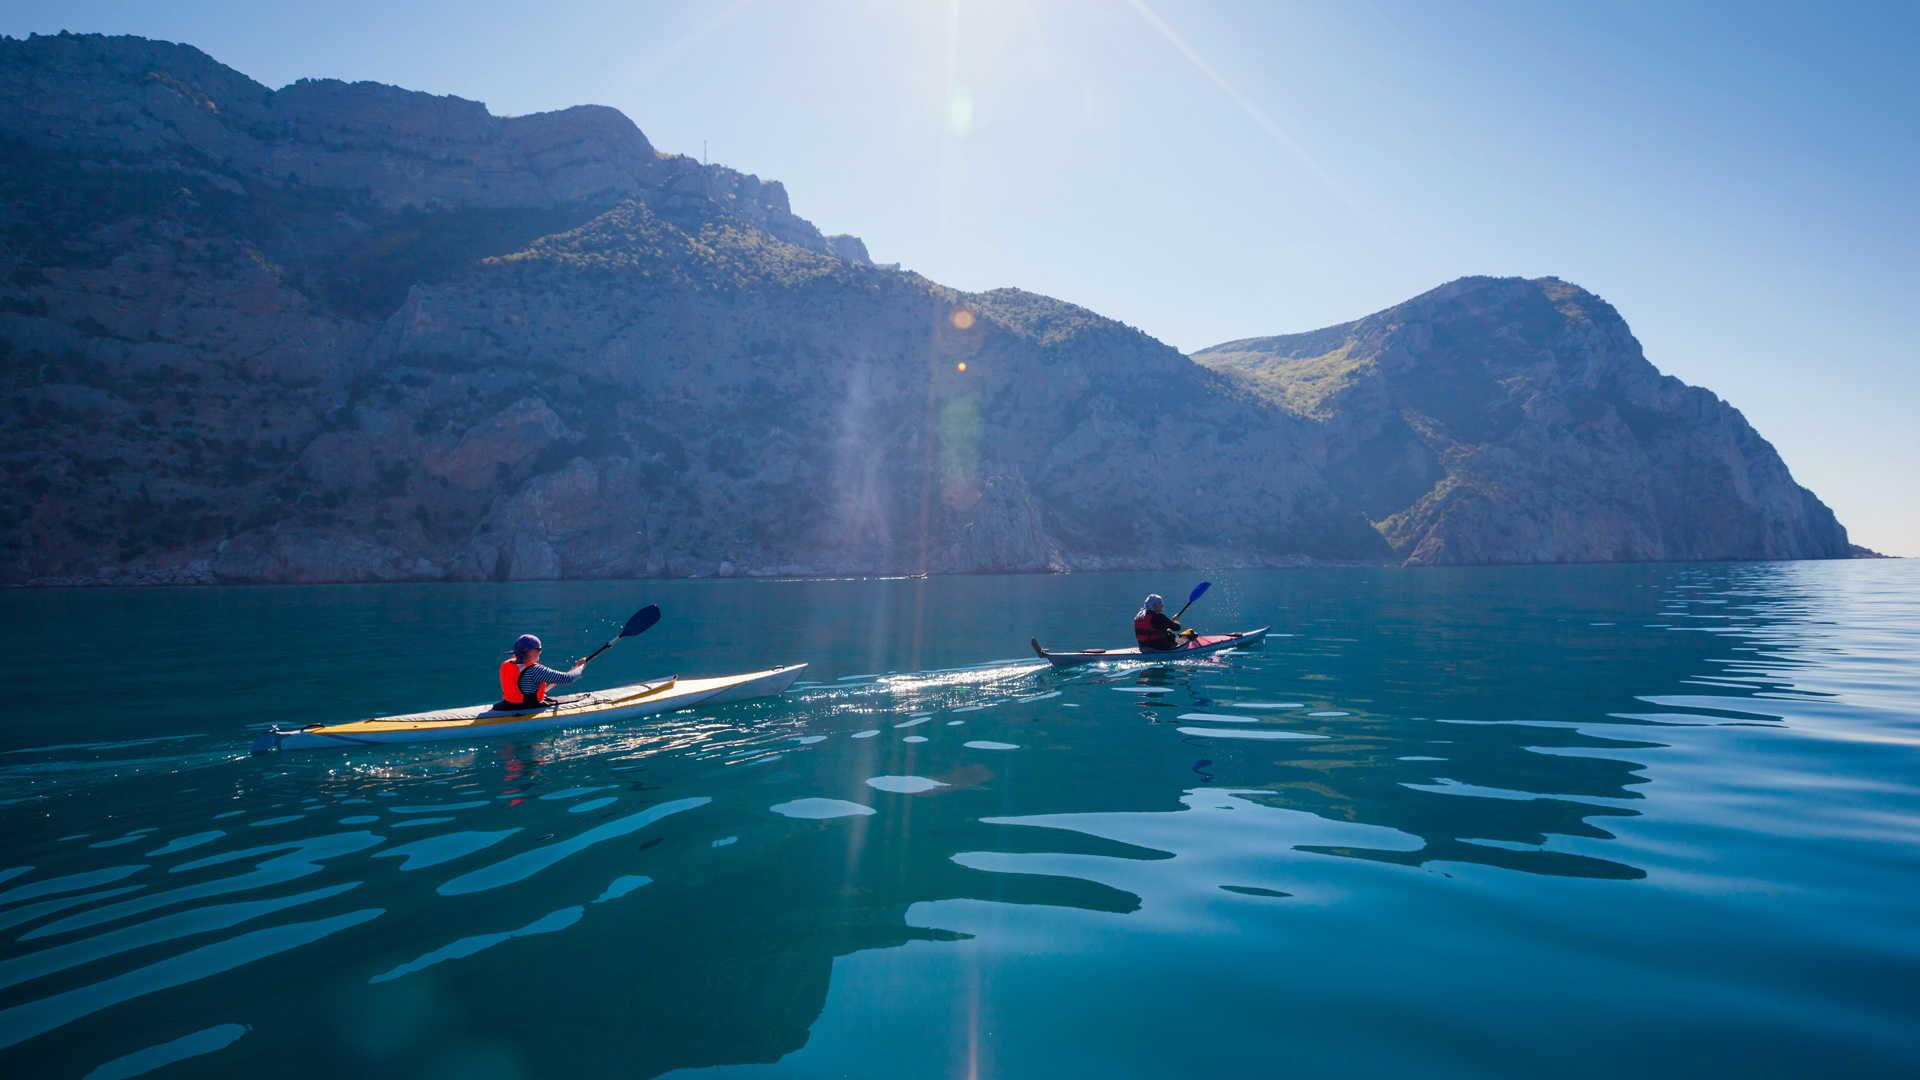 Sortie en kayak sur l'Adriatique, Croatie